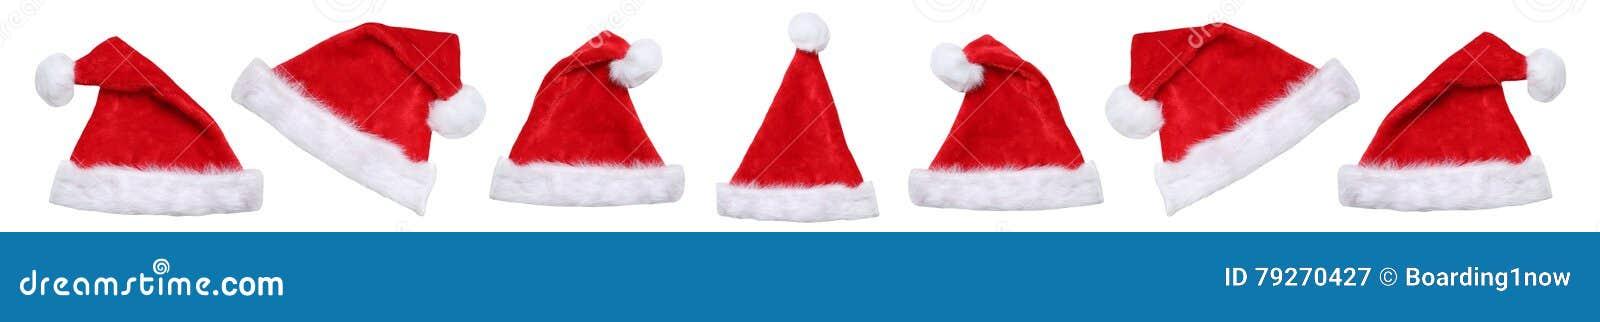 Sombreros del sombrero de Santa Claus el invierno de la Navidad aislados